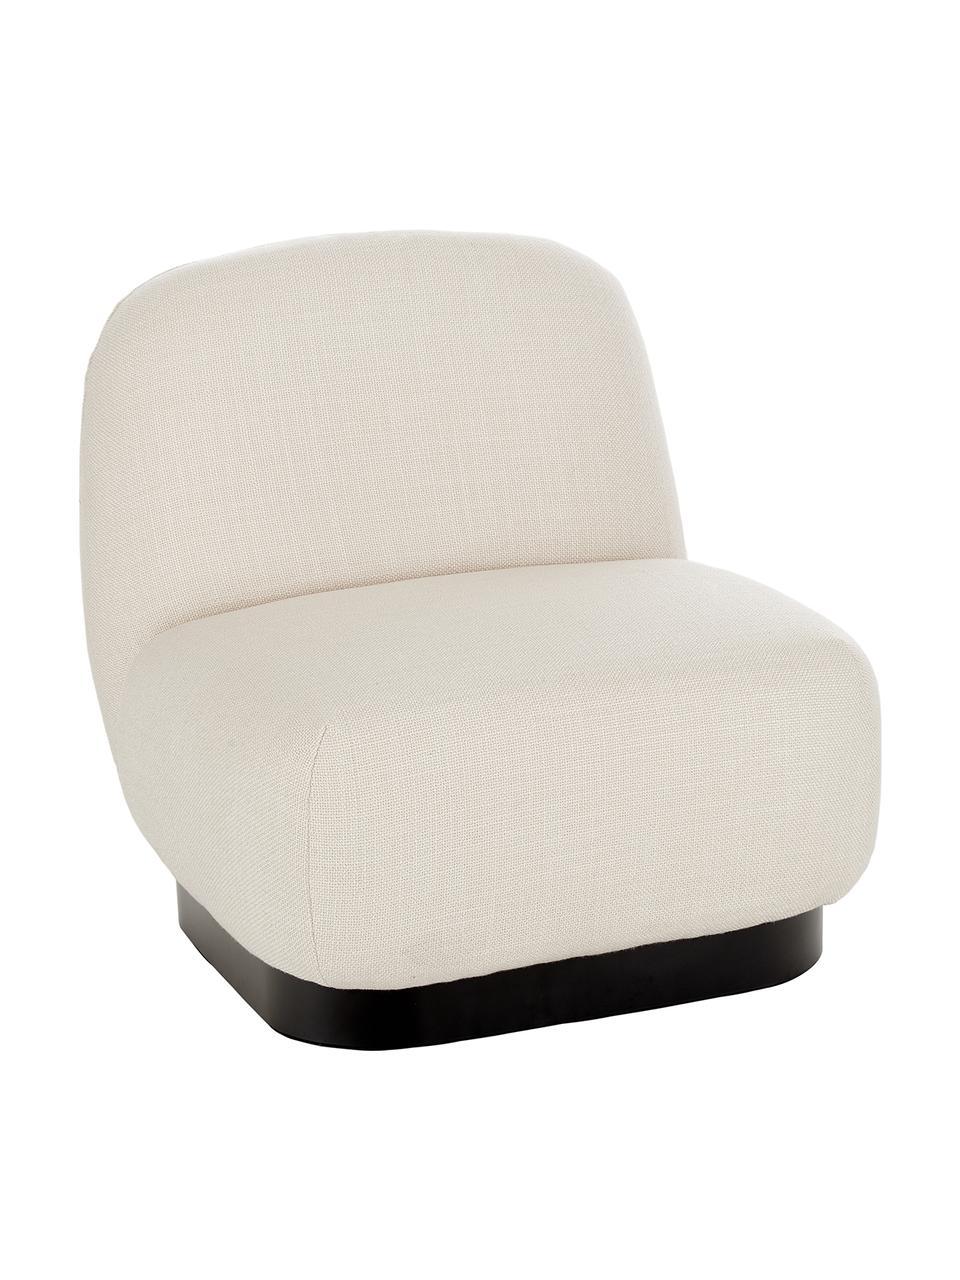 Fotel koktajlowy Elsie, Tapicerka: poliester, Noga: metal malowany proszkowo, Kremowobiały, S 77 x G 84 cm